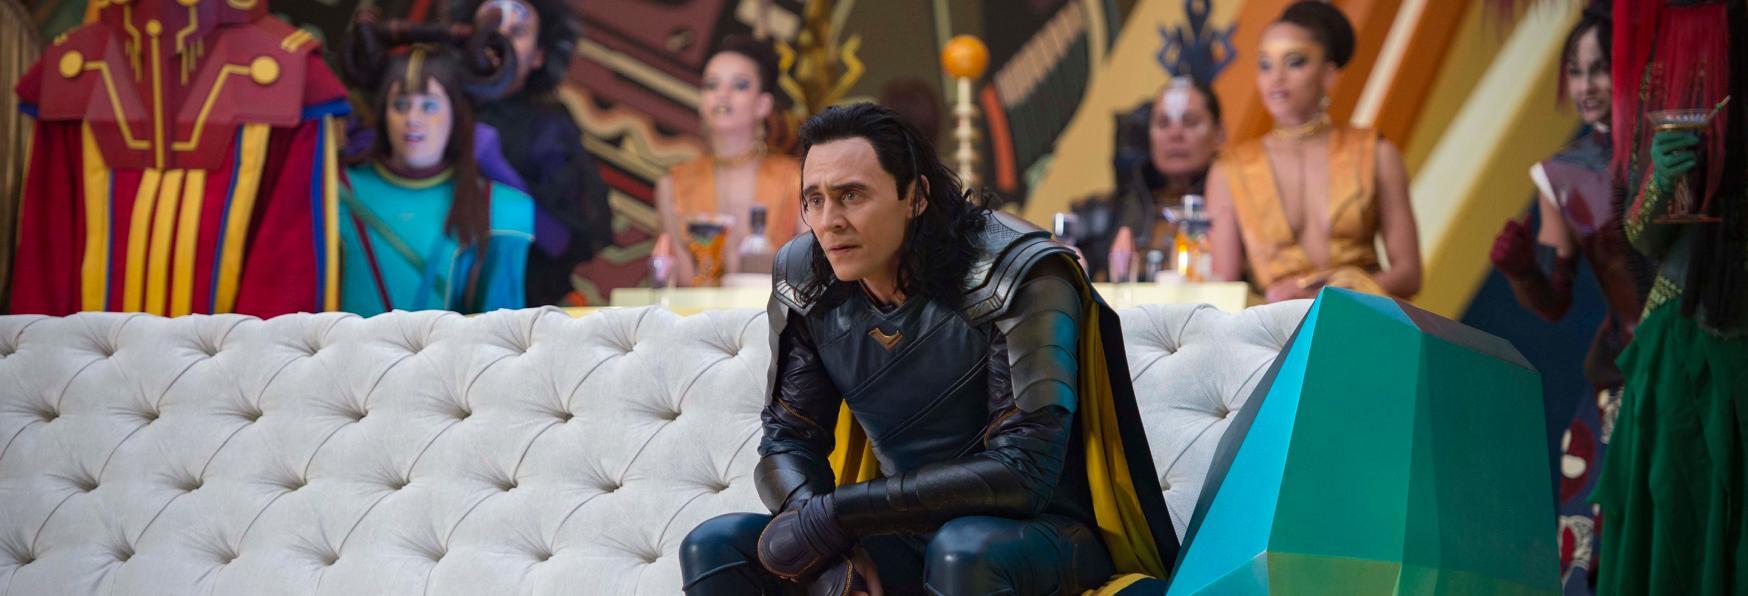 Loki: Svelate nuove Immagini della Serie TV targata Disney